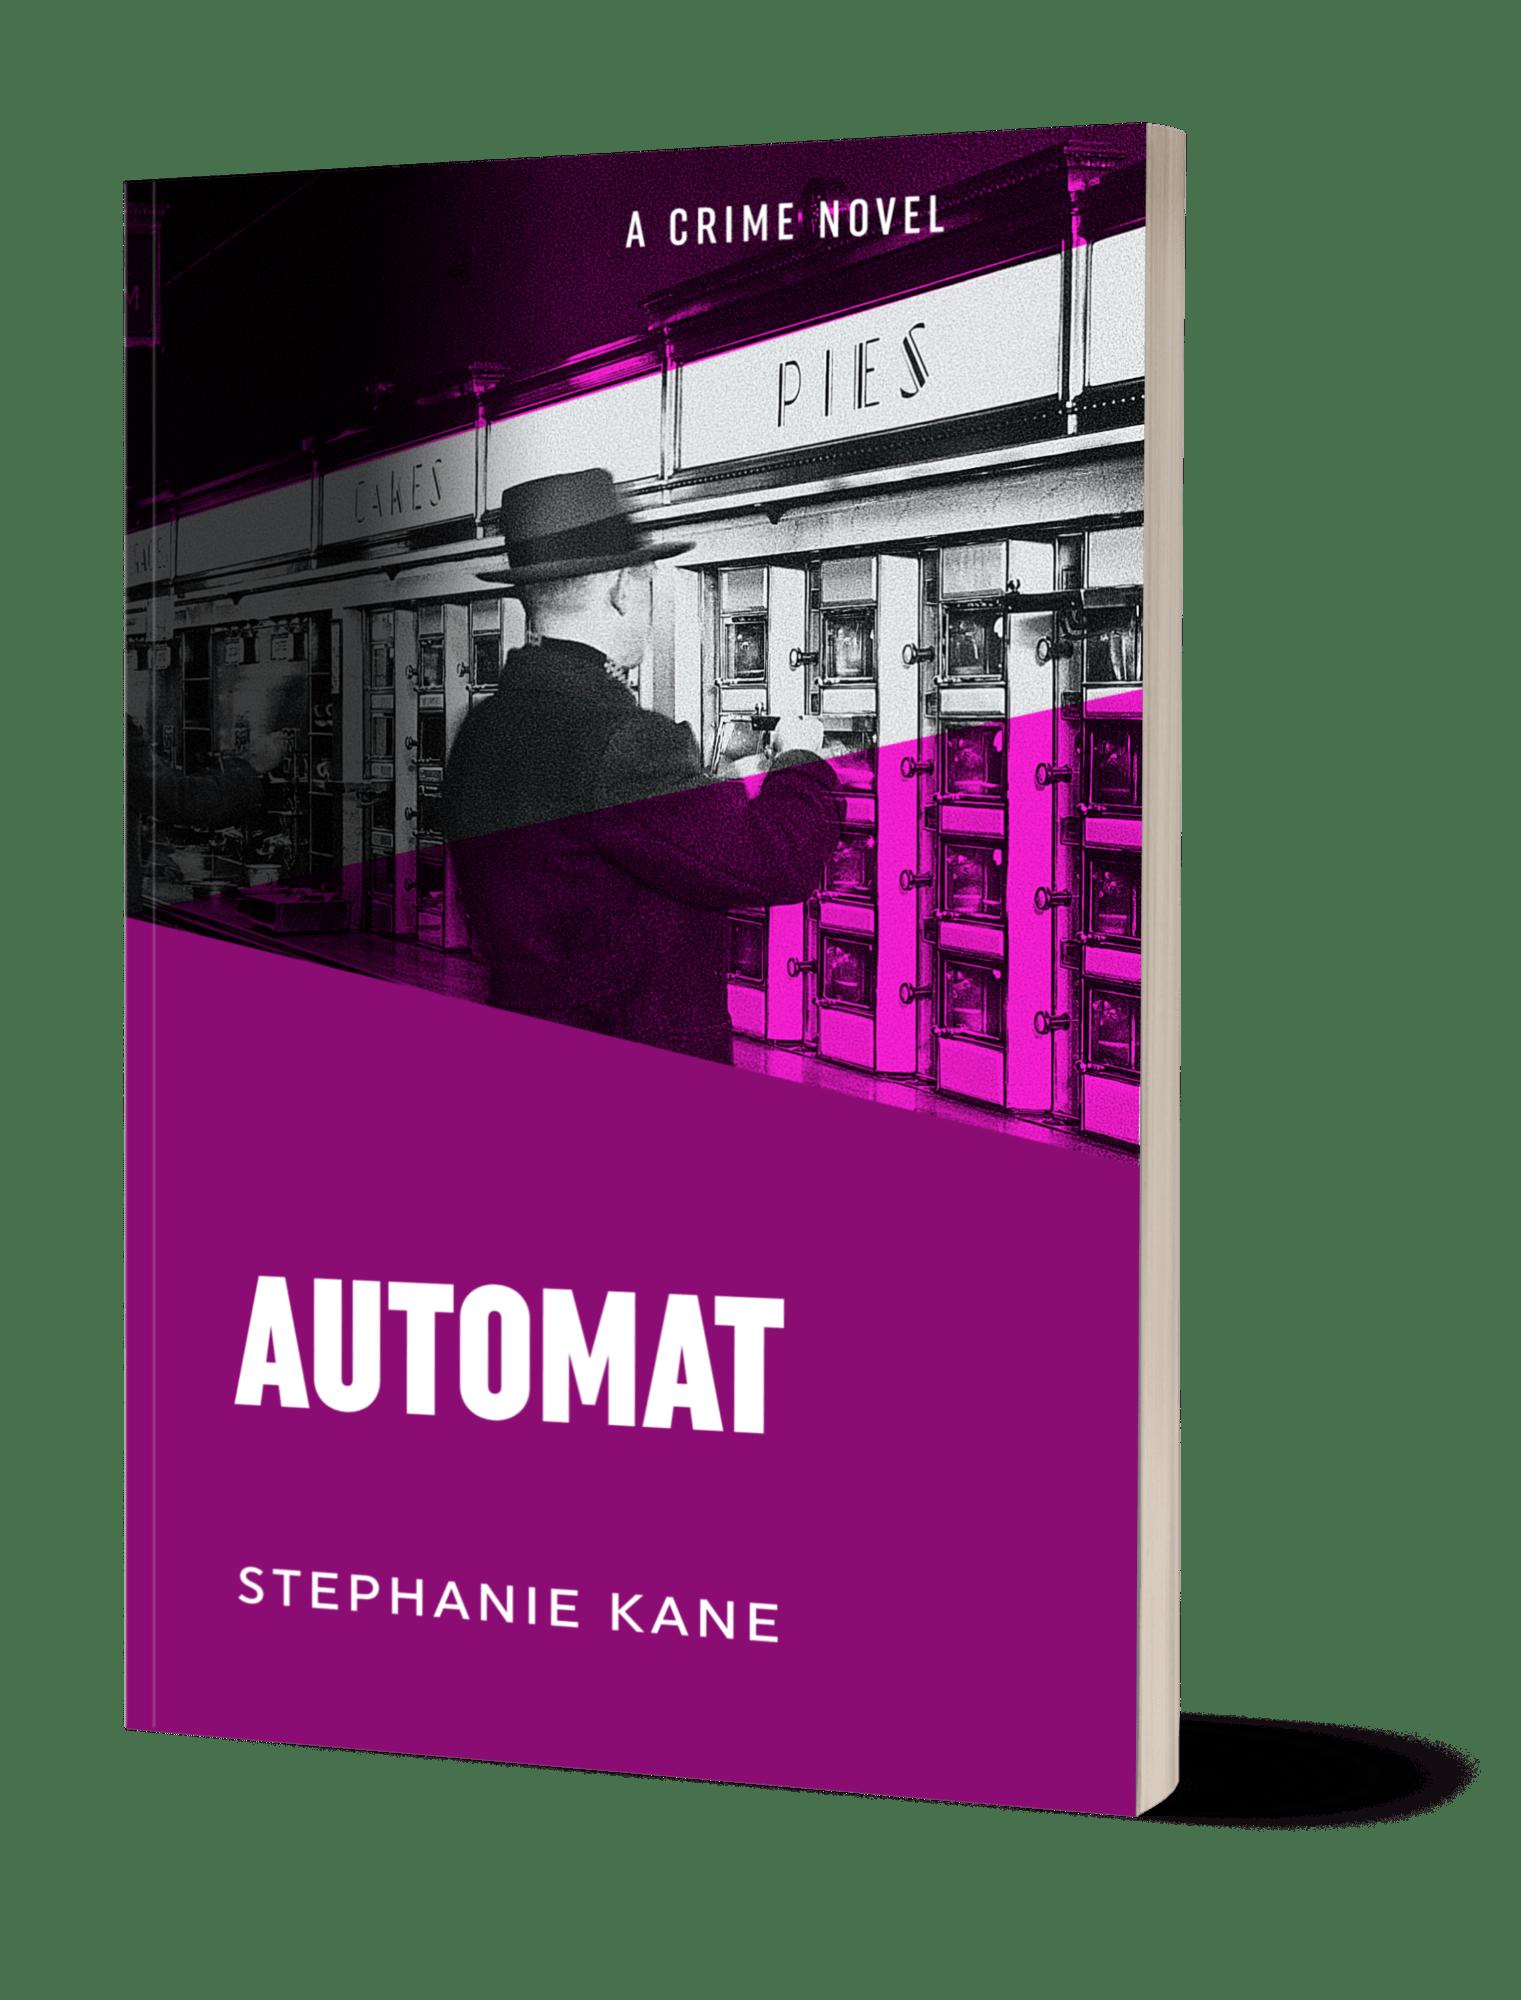 Automat by Stephanie Kane